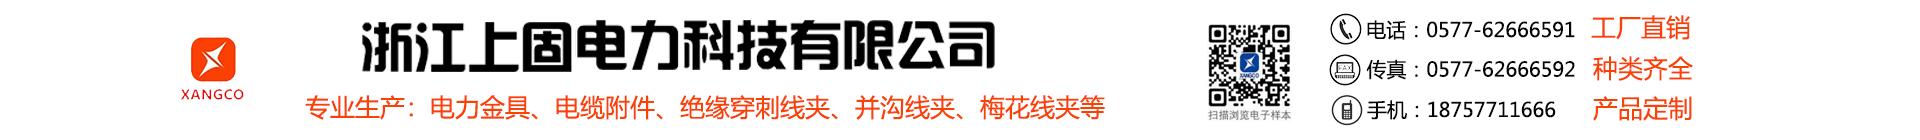 浙江上固电力科技有限公司